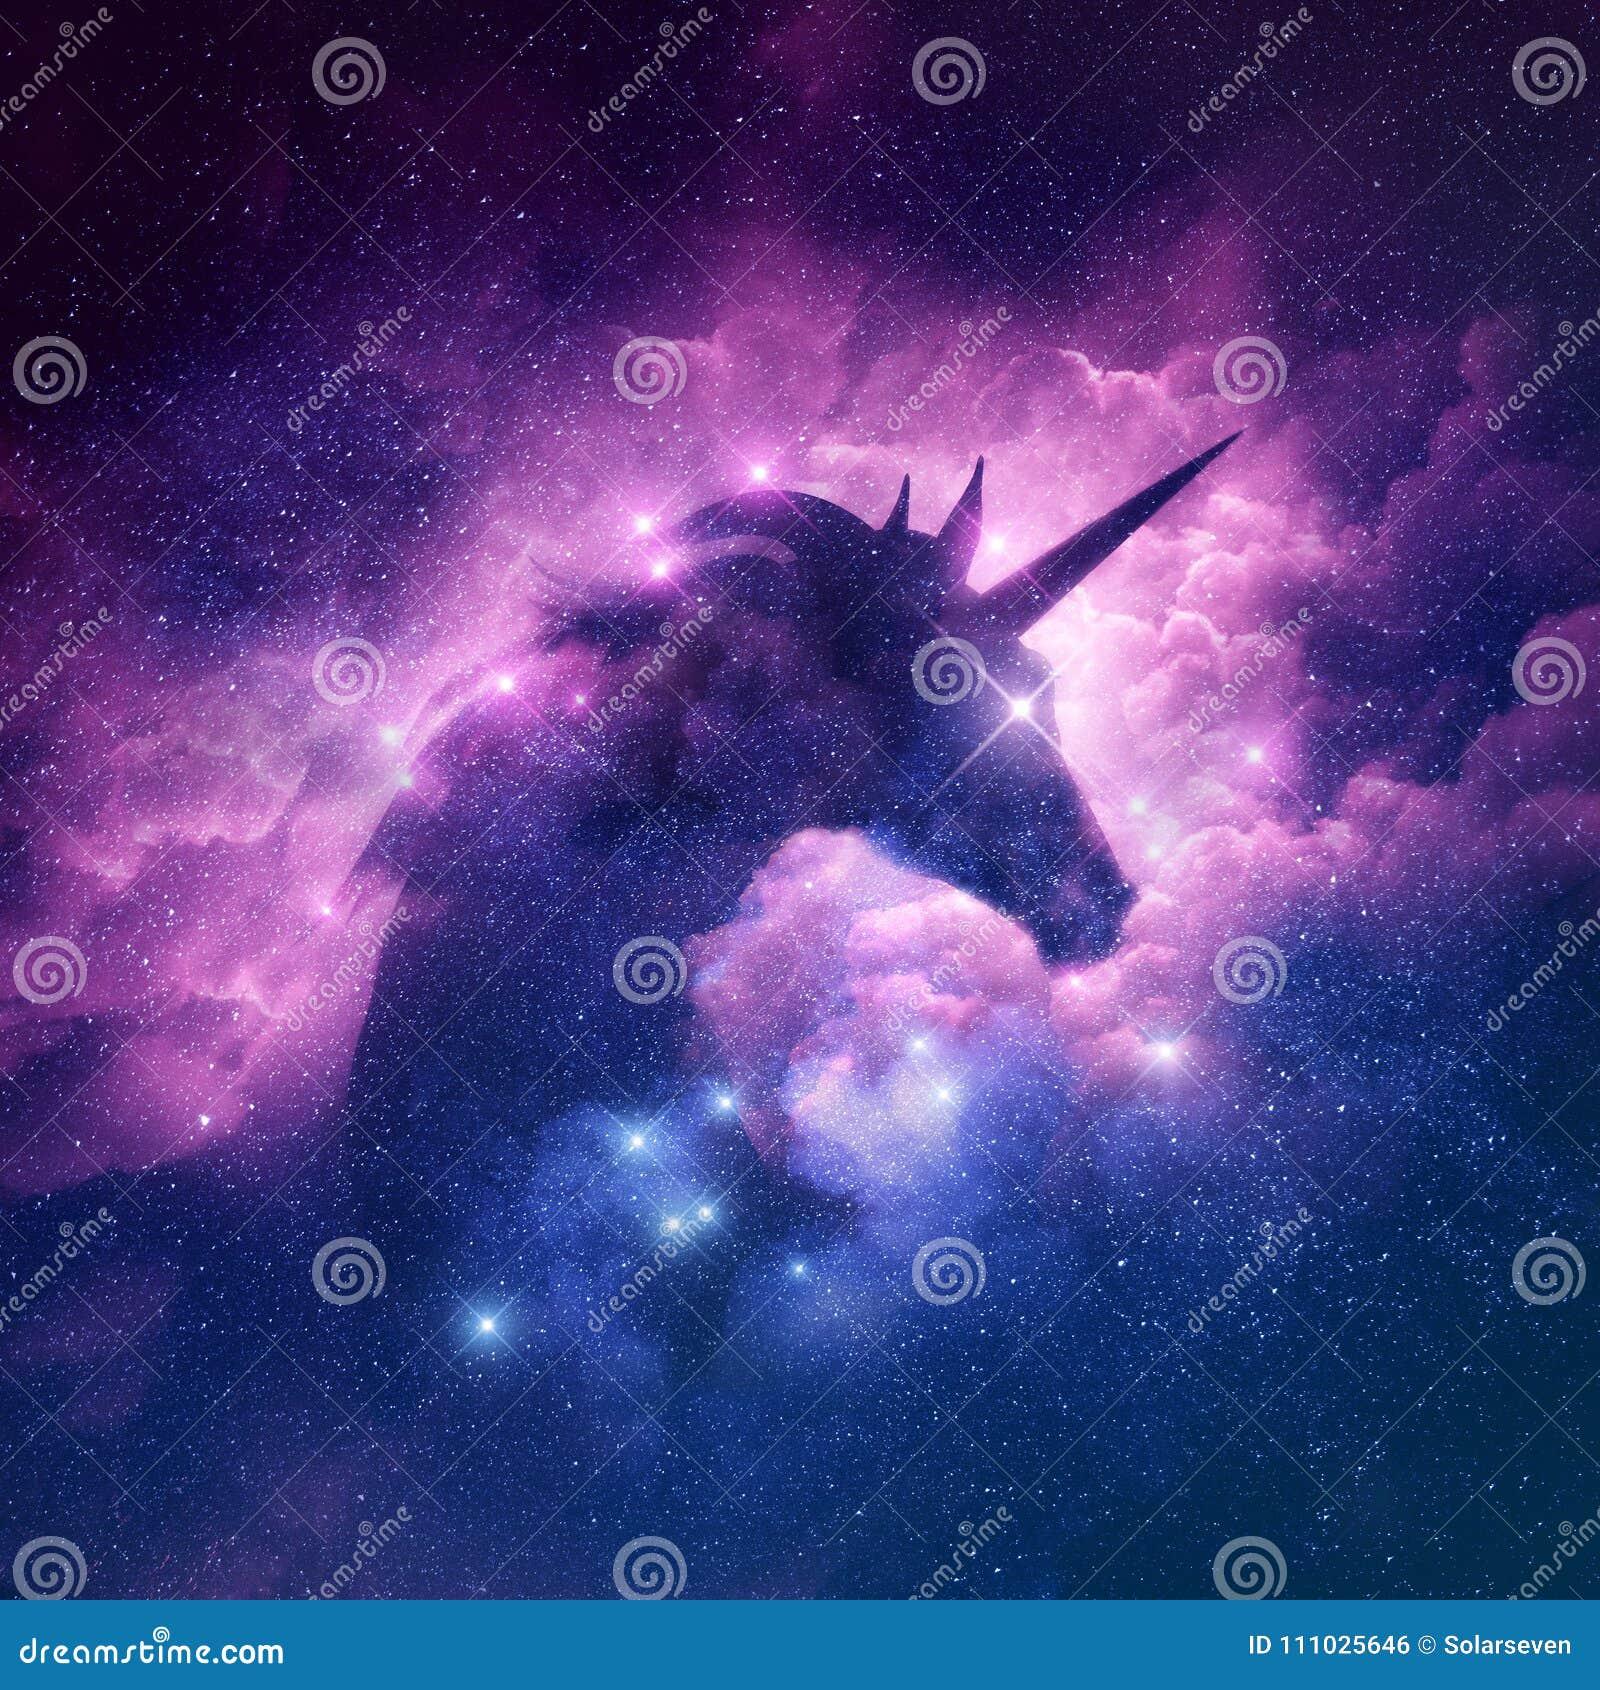 Download Unicorn Nebula Background stock illustration. Illustration of mythic - 111025646